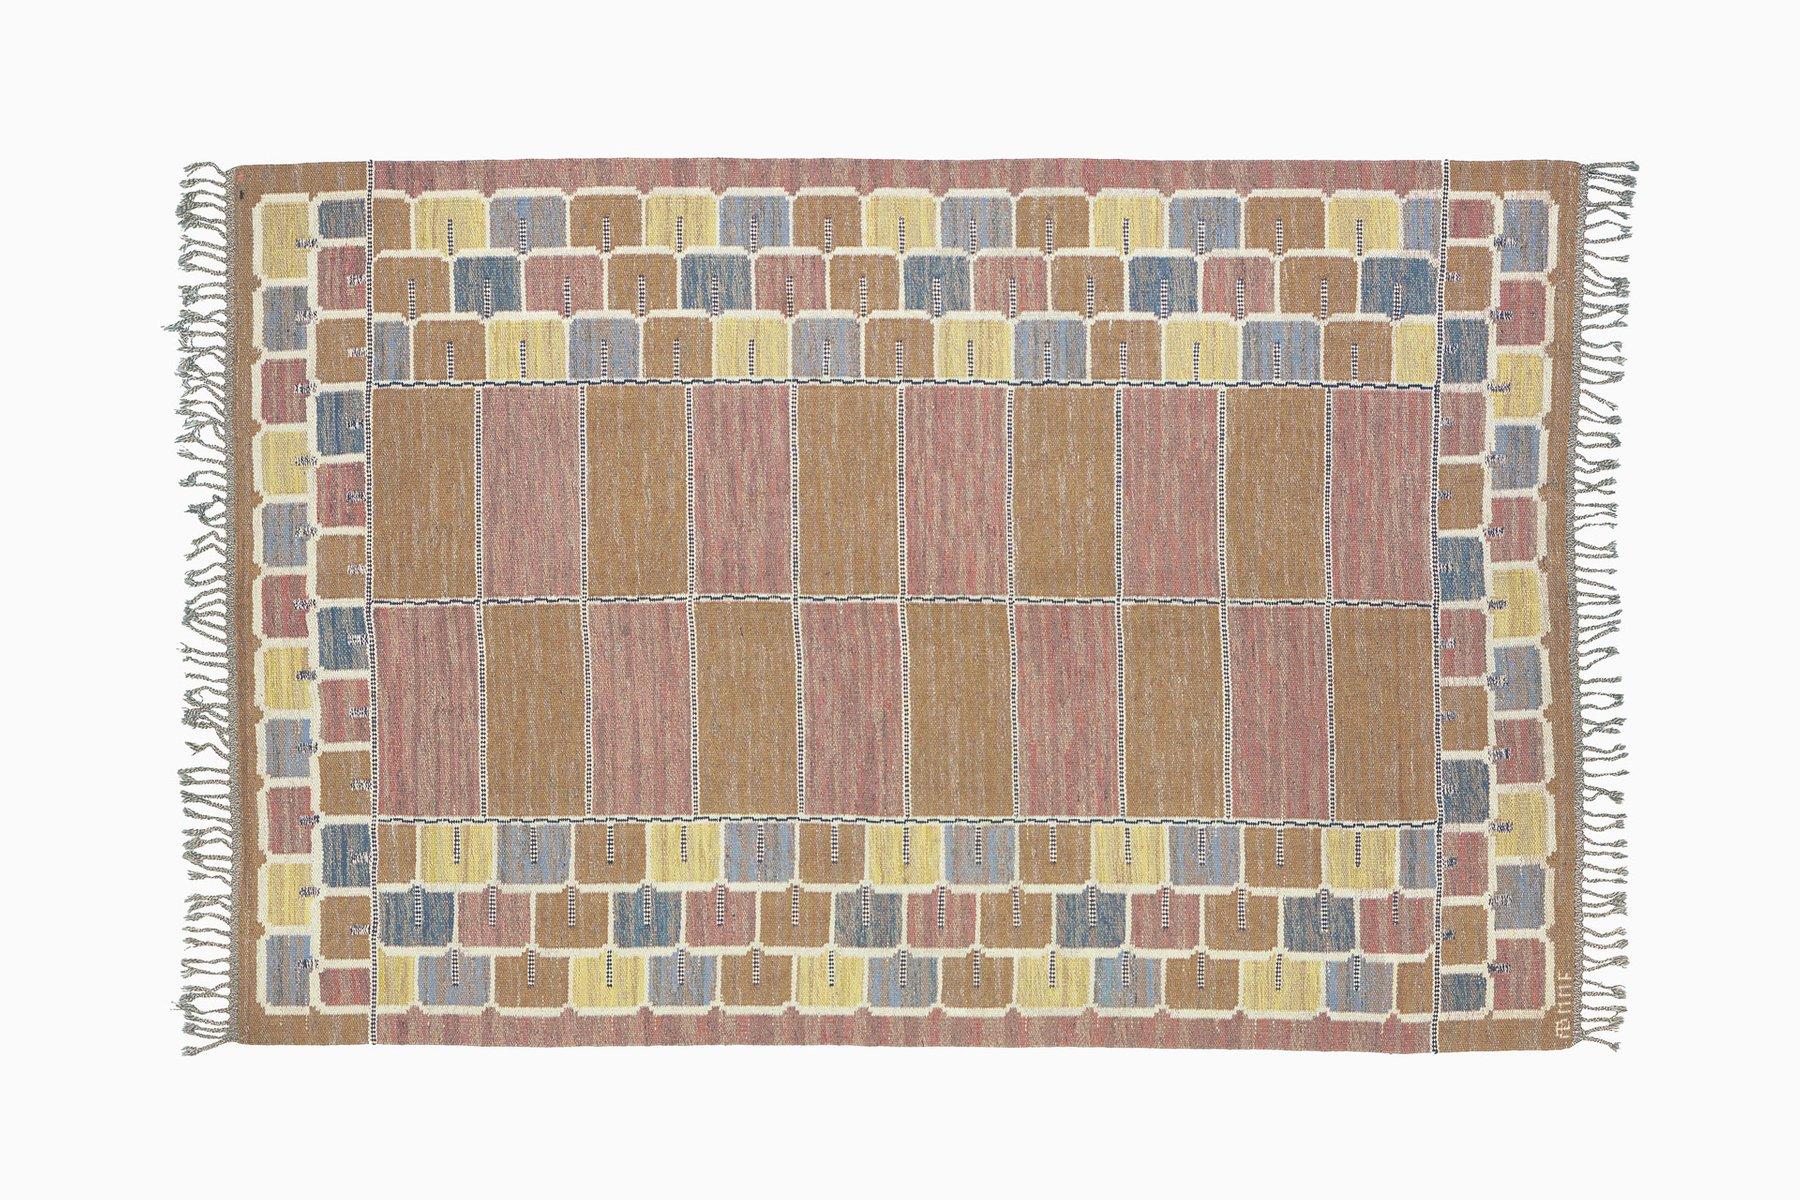 tapis mailles plates couleur pastel par marta maas fjetterstr m su de en vente sur pamono. Black Bedroom Furniture Sets. Home Design Ideas